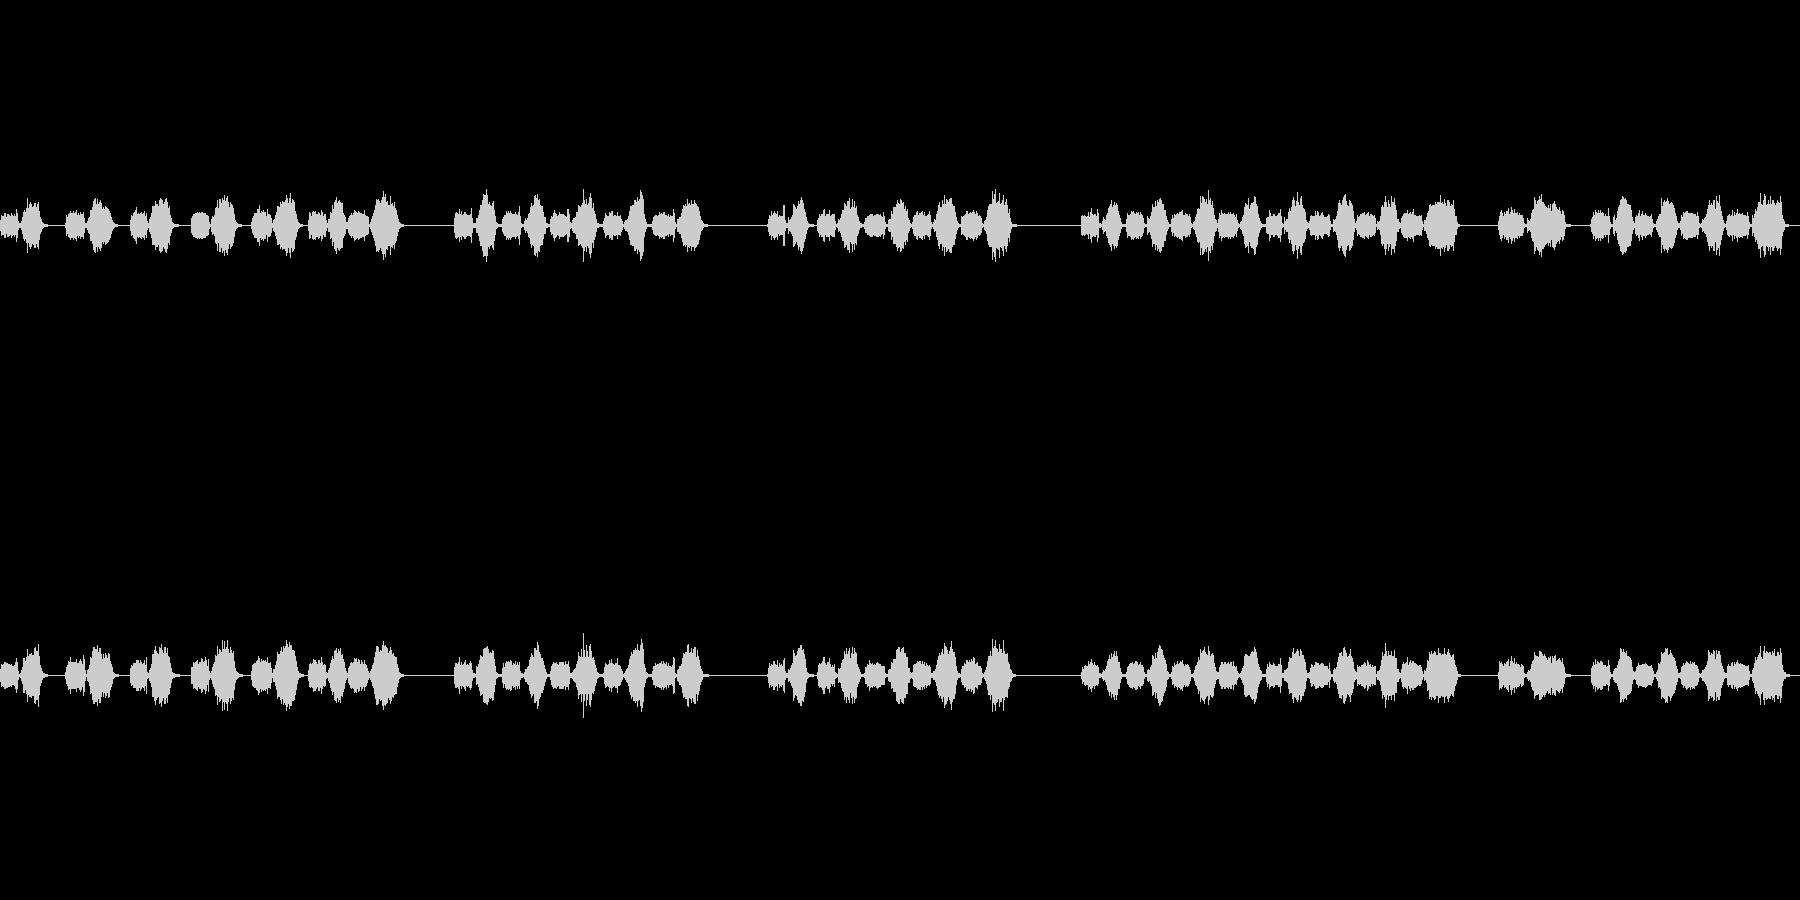 シュッシュ(カメラにブロワーをかける音)の未再生の波形